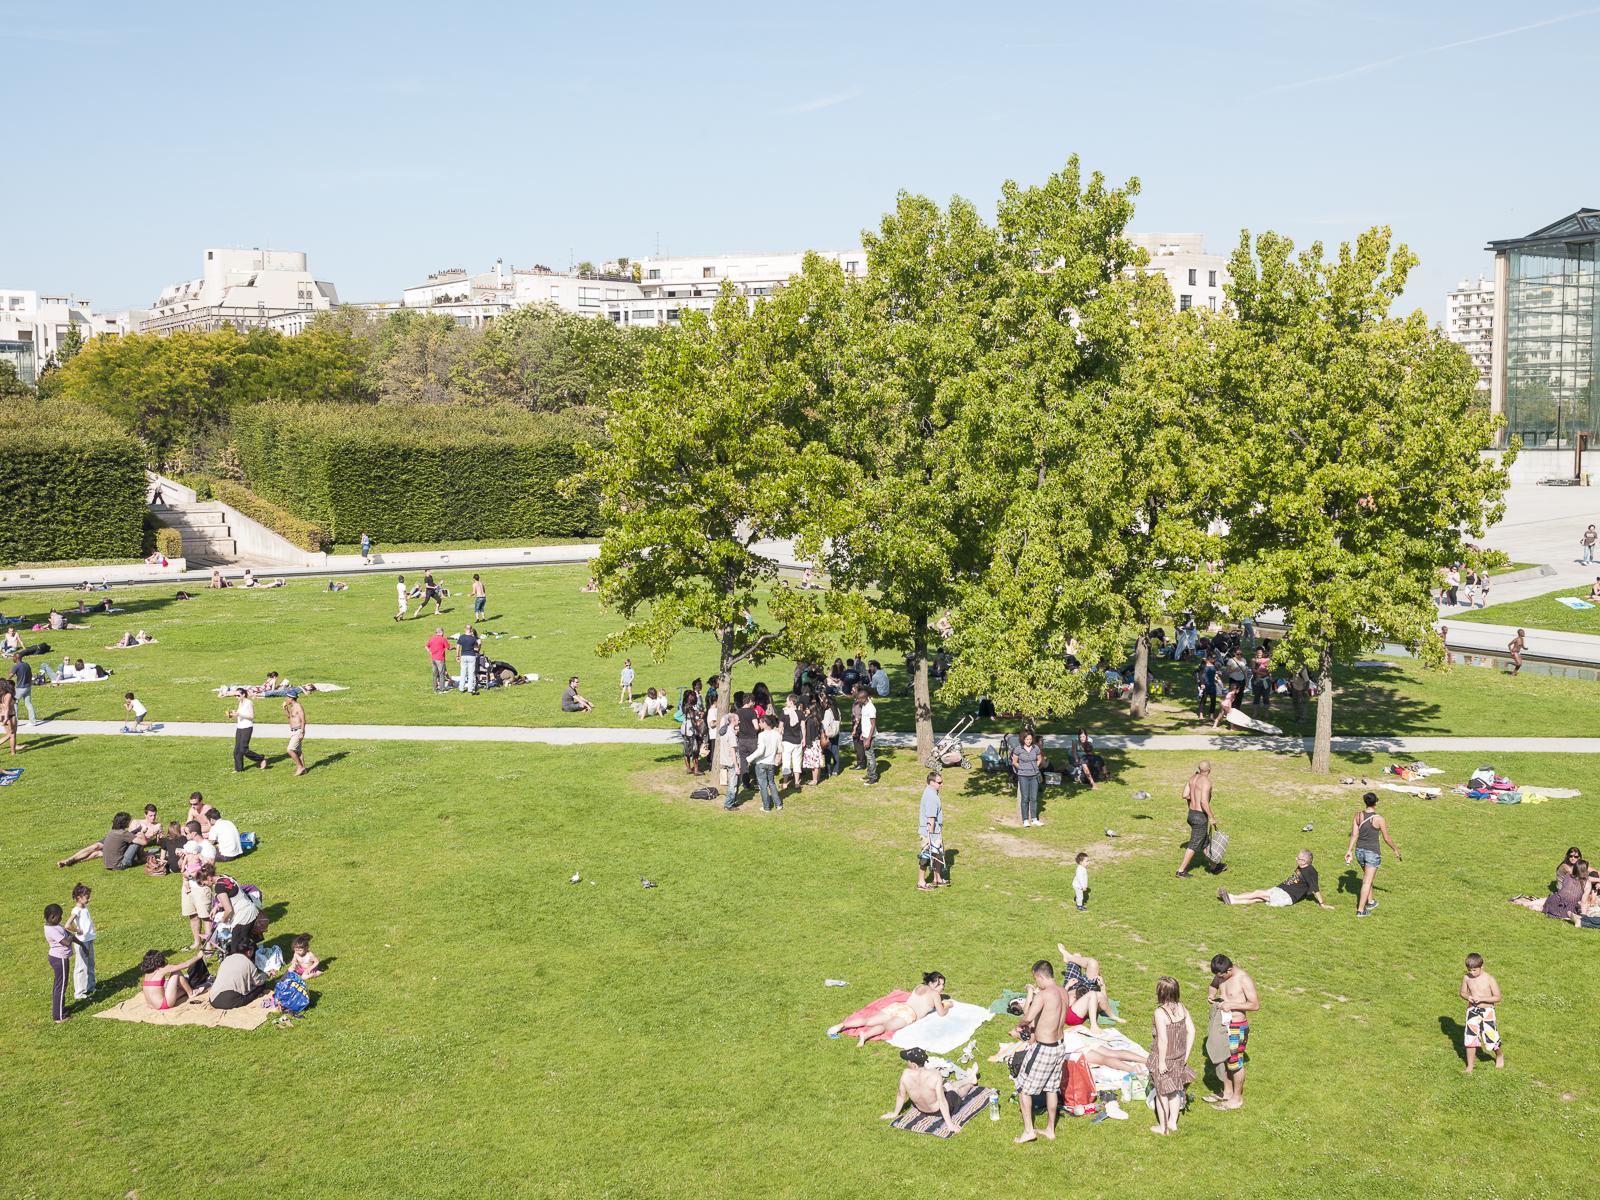 Parc André-Citroën, Paris, France